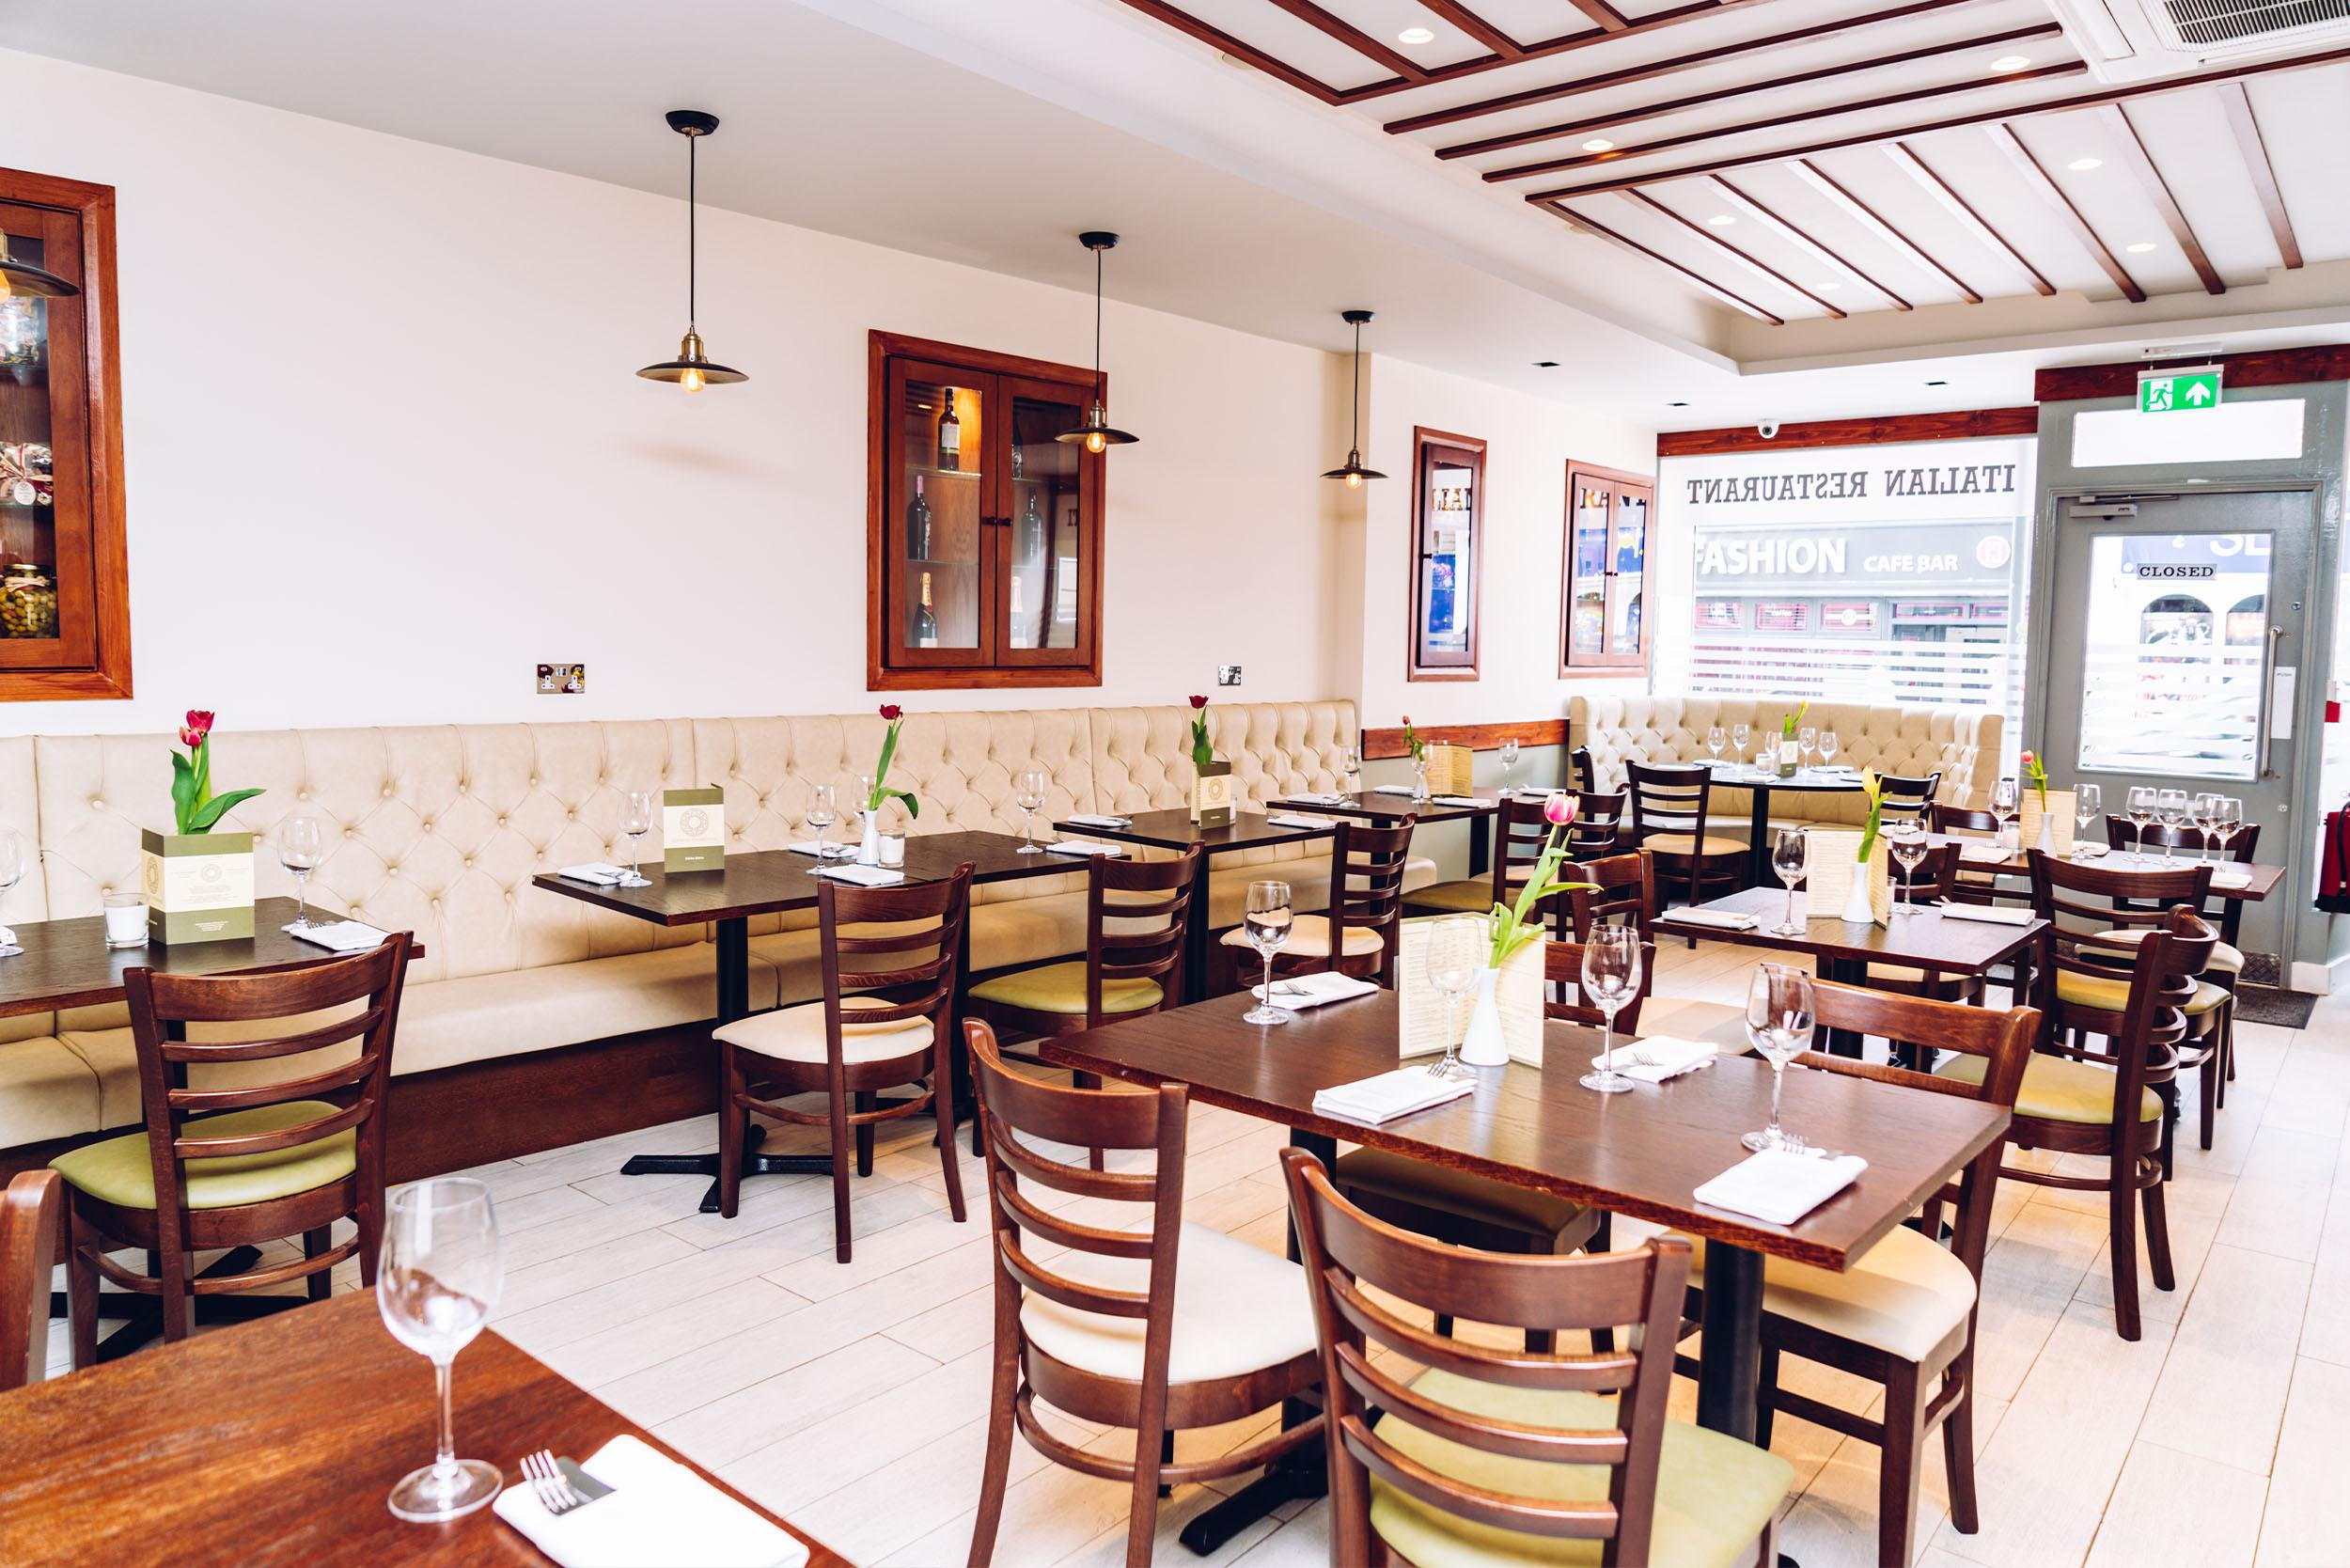 Osteria Veneziana - Italian Restaurant - Colcherster 4.jpg